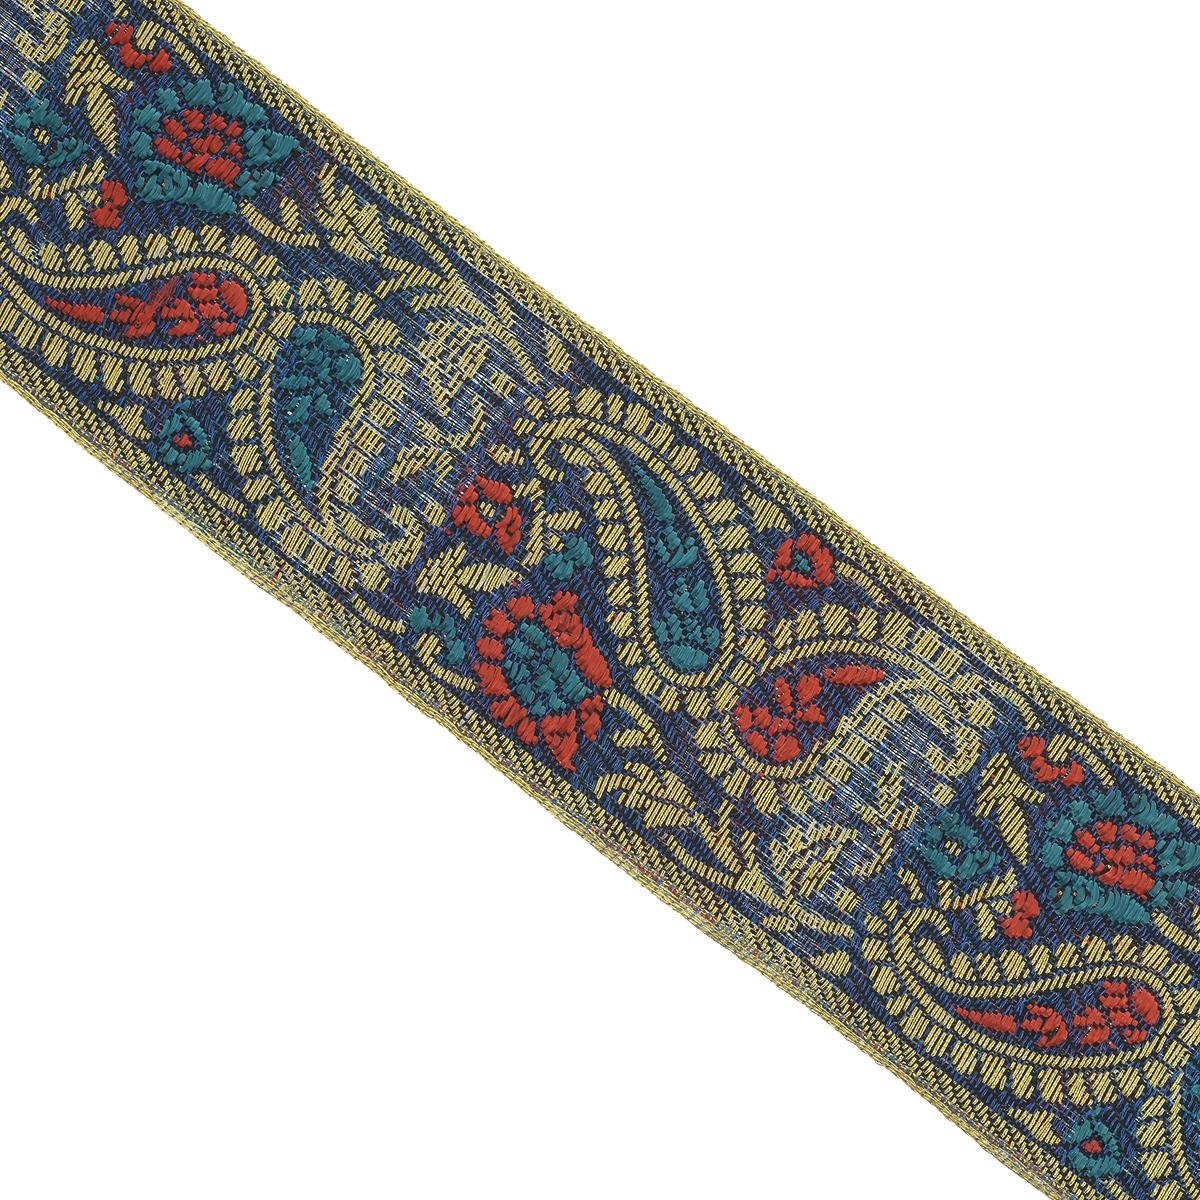 Тесьма декоративная Астра, цвет: синий, ширина 4 см, длина 9 м. 77034277703427_синийДекоративная тесьма Астра выполнена из текстиля и оформлена оригинальным жаккардовым орнаментом. Такая тесьма идеально подойдет для оформления различных творческих работ таких, как скрапбукинг, аппликация, декор коробок и открыток и многое другое. Тесьма наивысшего качества и практична в использовании. Она станет незаменимым элементом в создании рукотворного шедевра. Ширина: 4 см. Длина: 9 м.